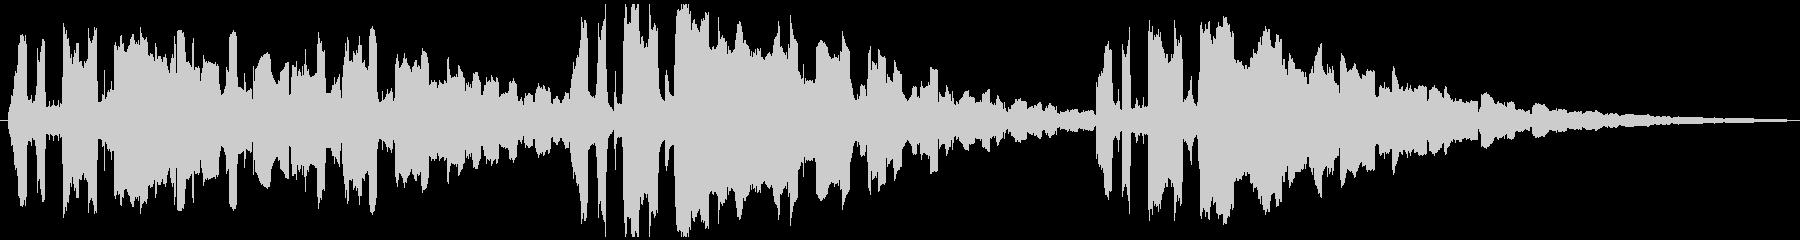 シーケンス ダークフューチャージャズ01の未再生の波形